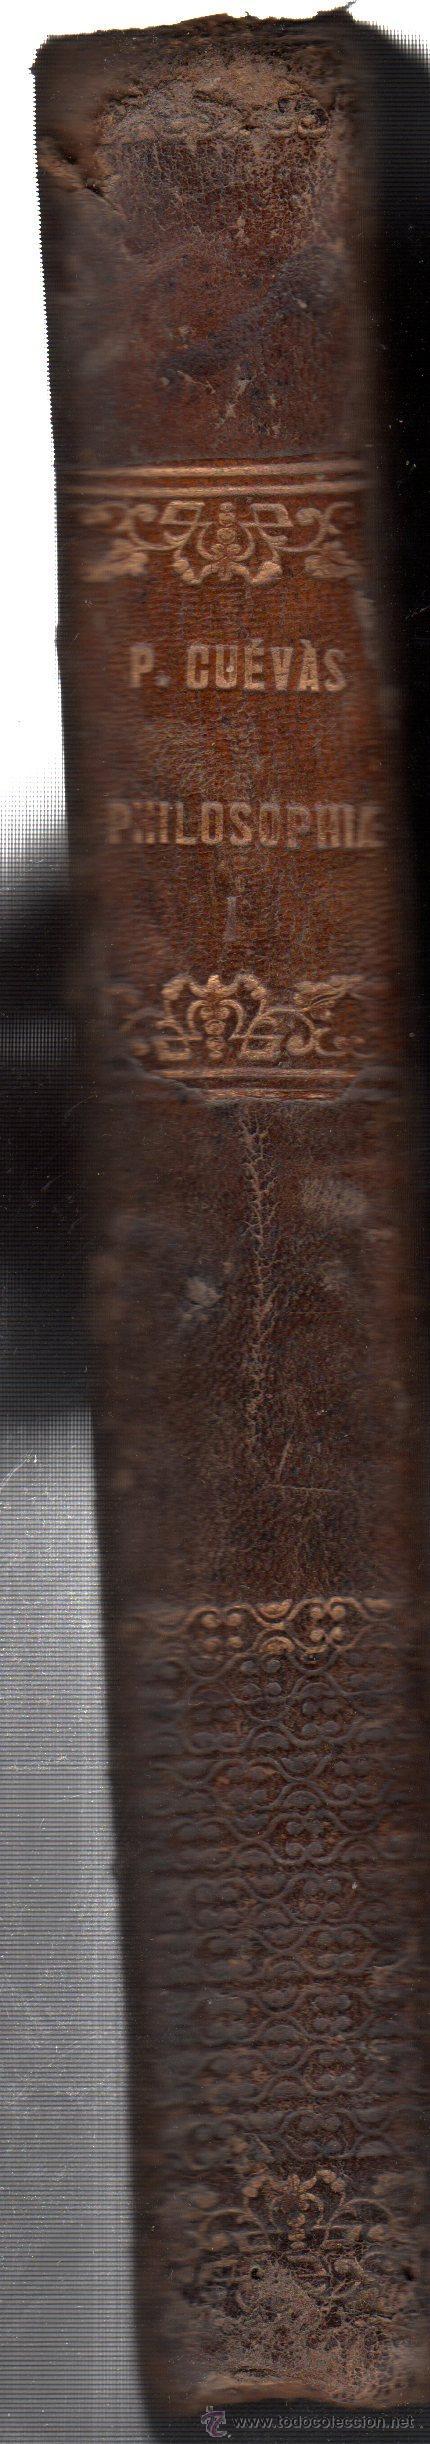 Libros antiguos: PHILOSOPHIAE, JOSEPH FERNÁNDEZ CUEVAS, TOMO 1, LÓGICA, ONTOLOGÍA Y COSMOLOGÍA, MADRID 1861 - Foto 2 - 30051504